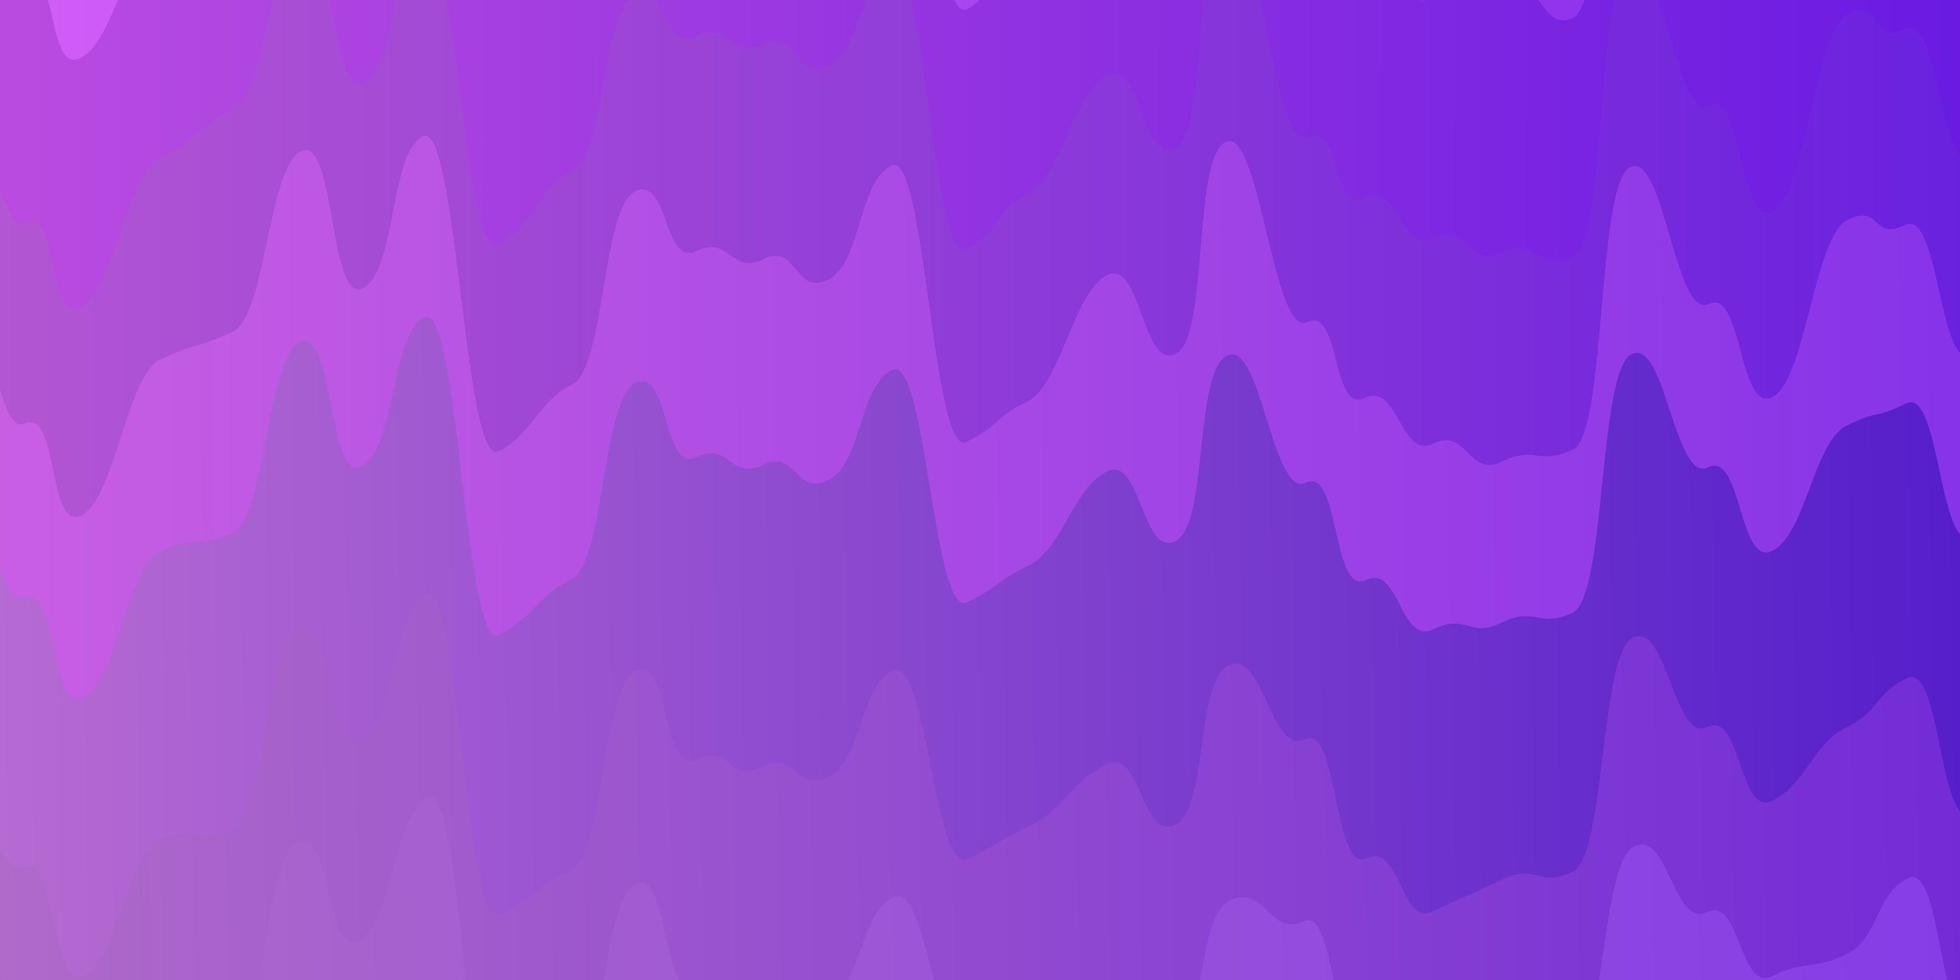 diseño de vector de color púrpura claro con líneas torcidas.